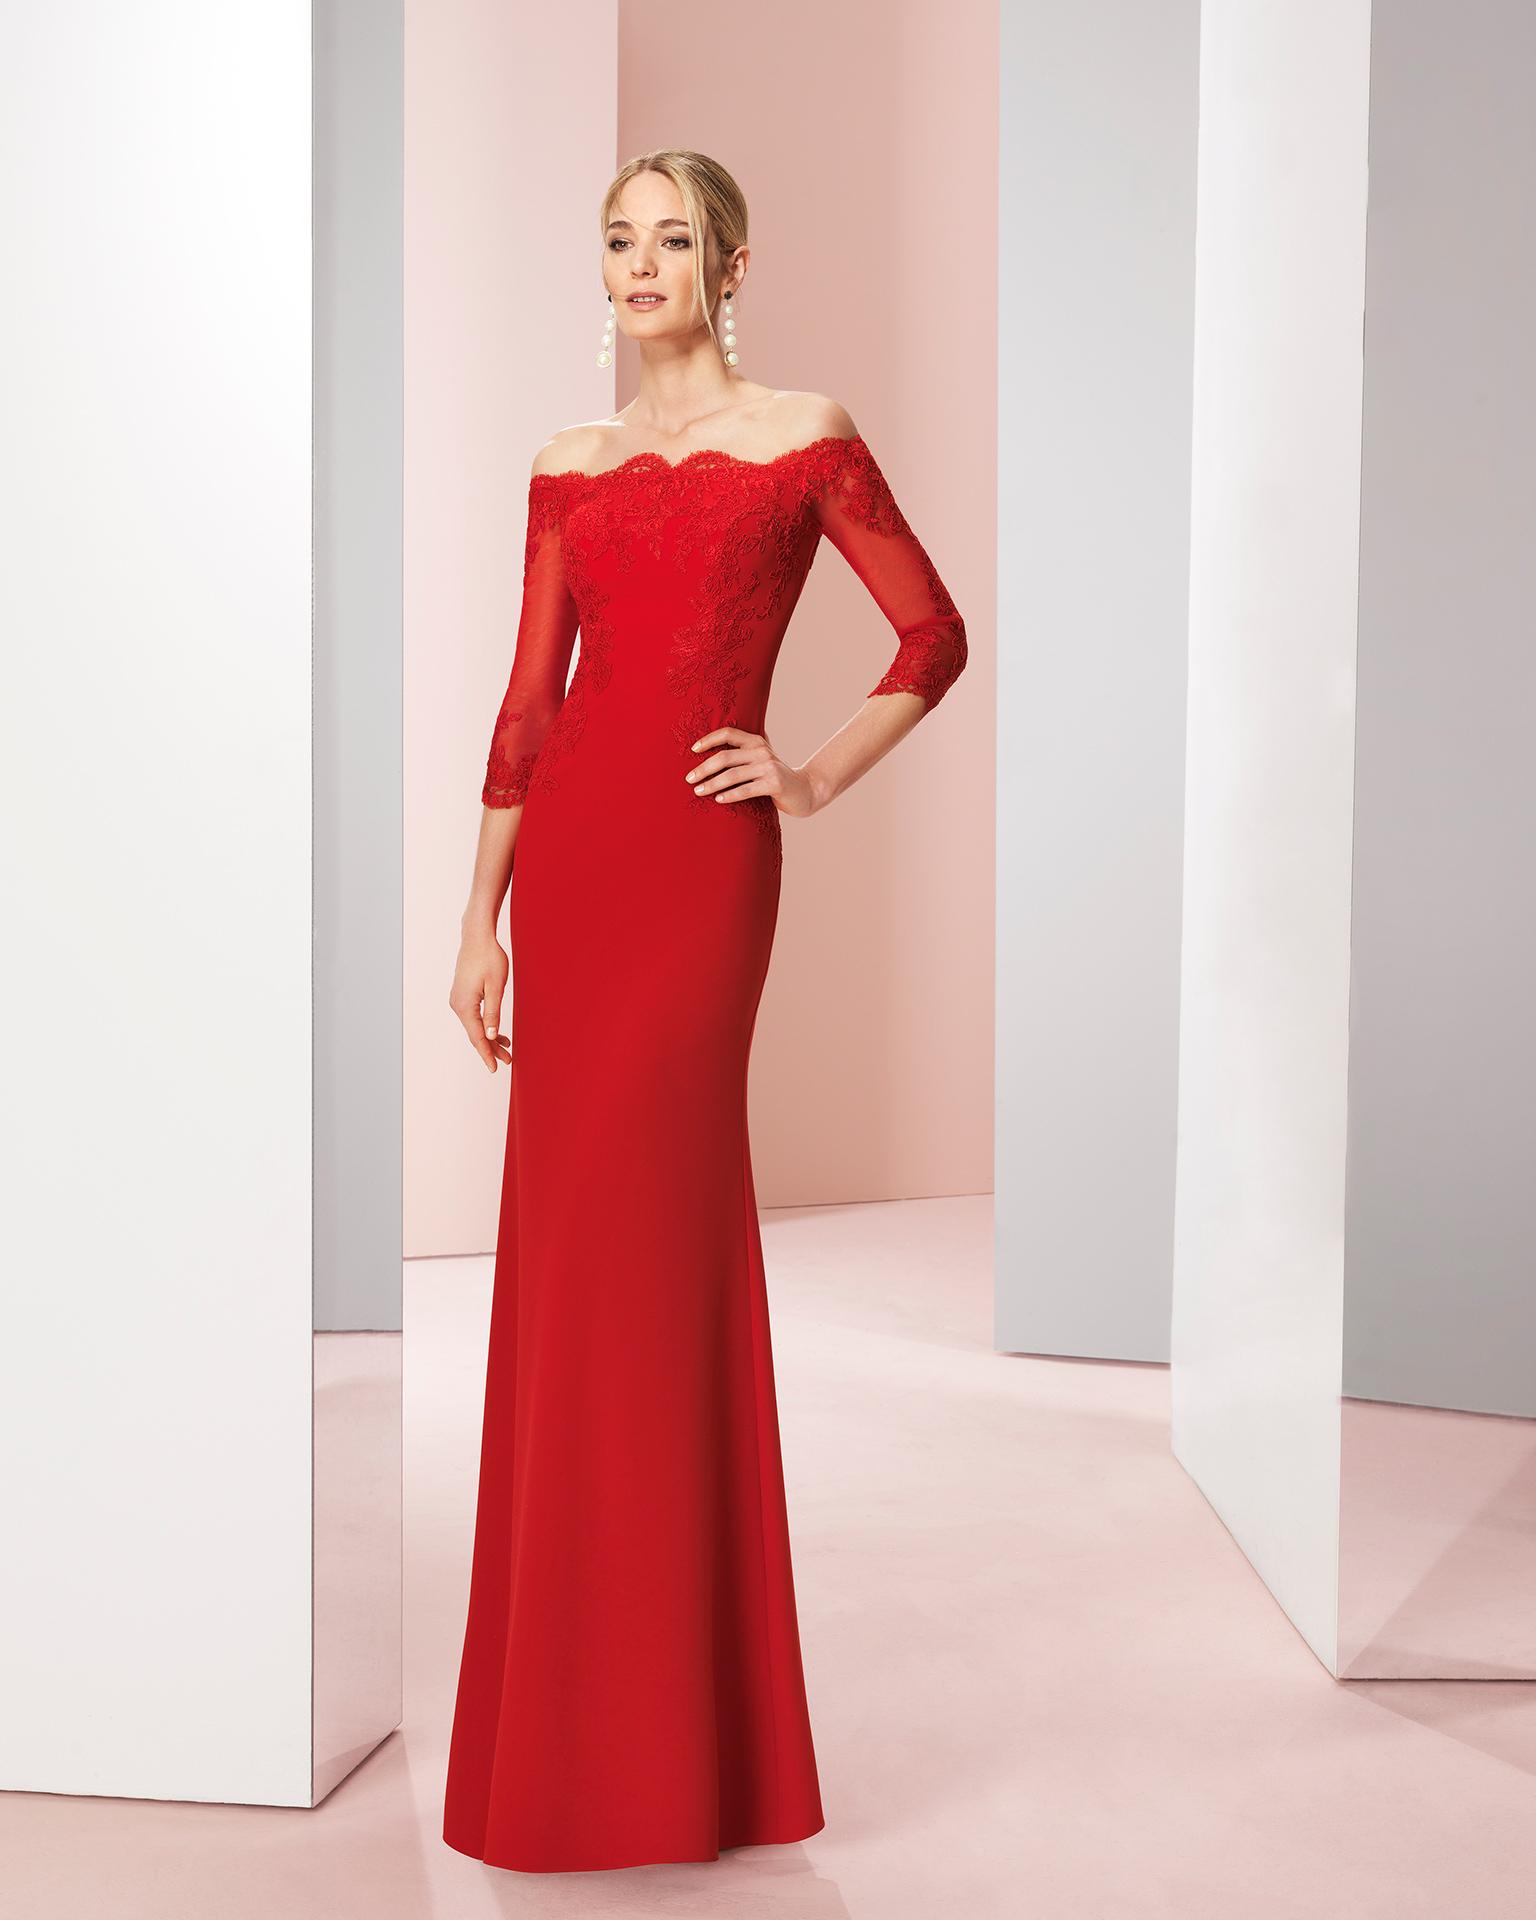 Vestido largo de fiesta en gasa con aplicaciones de encaje rebrode. Disponible en colores rojo y cobalto. Colección COUTURE CLUB 2018.